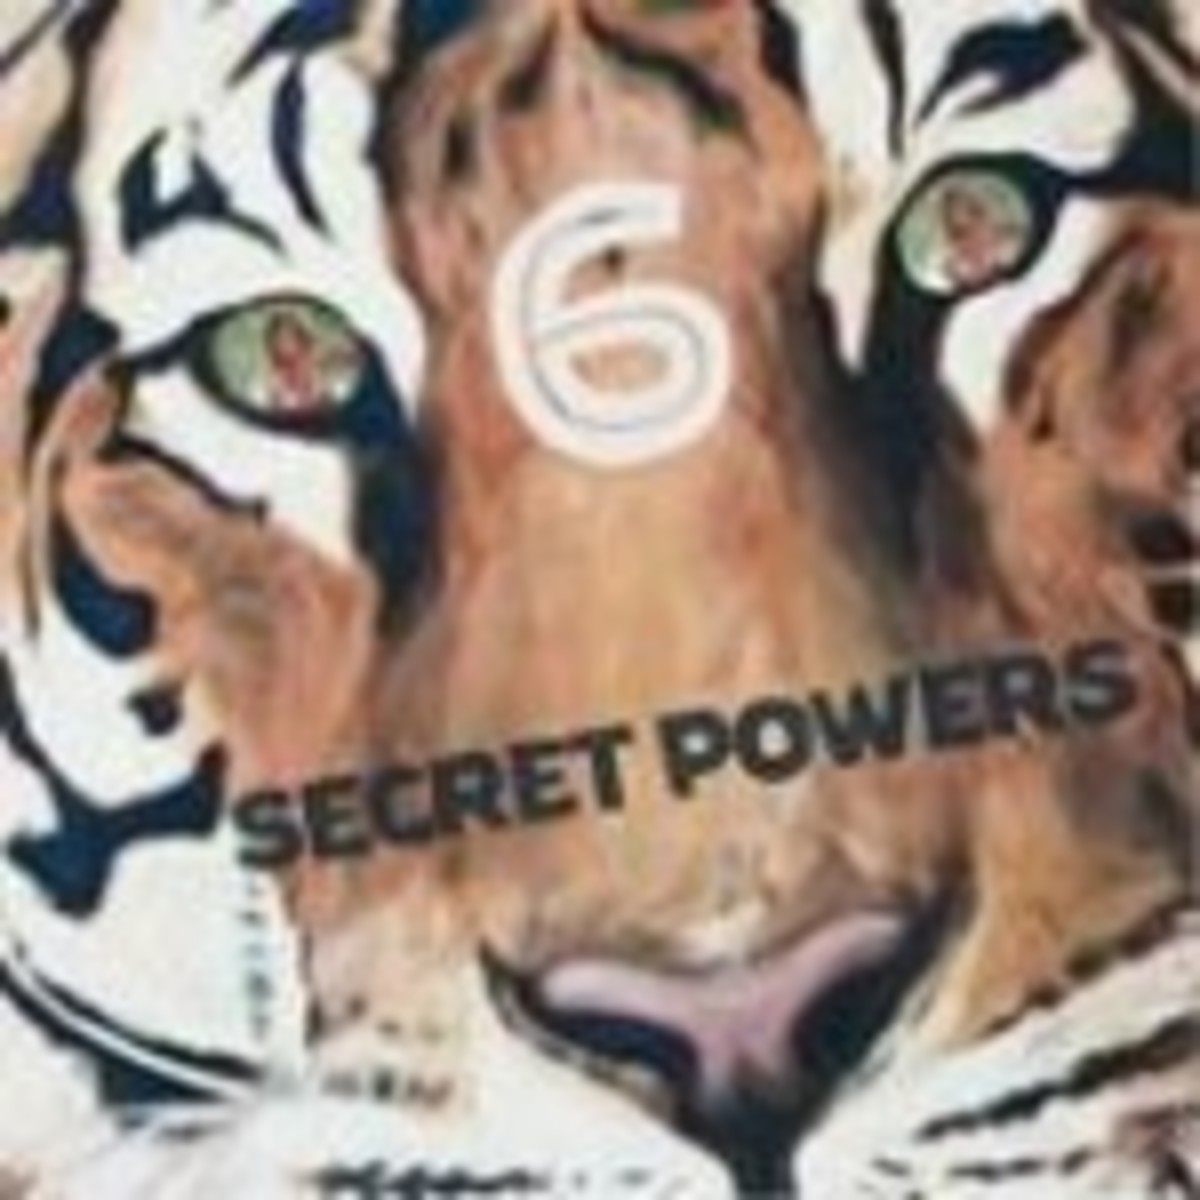 secretpowers